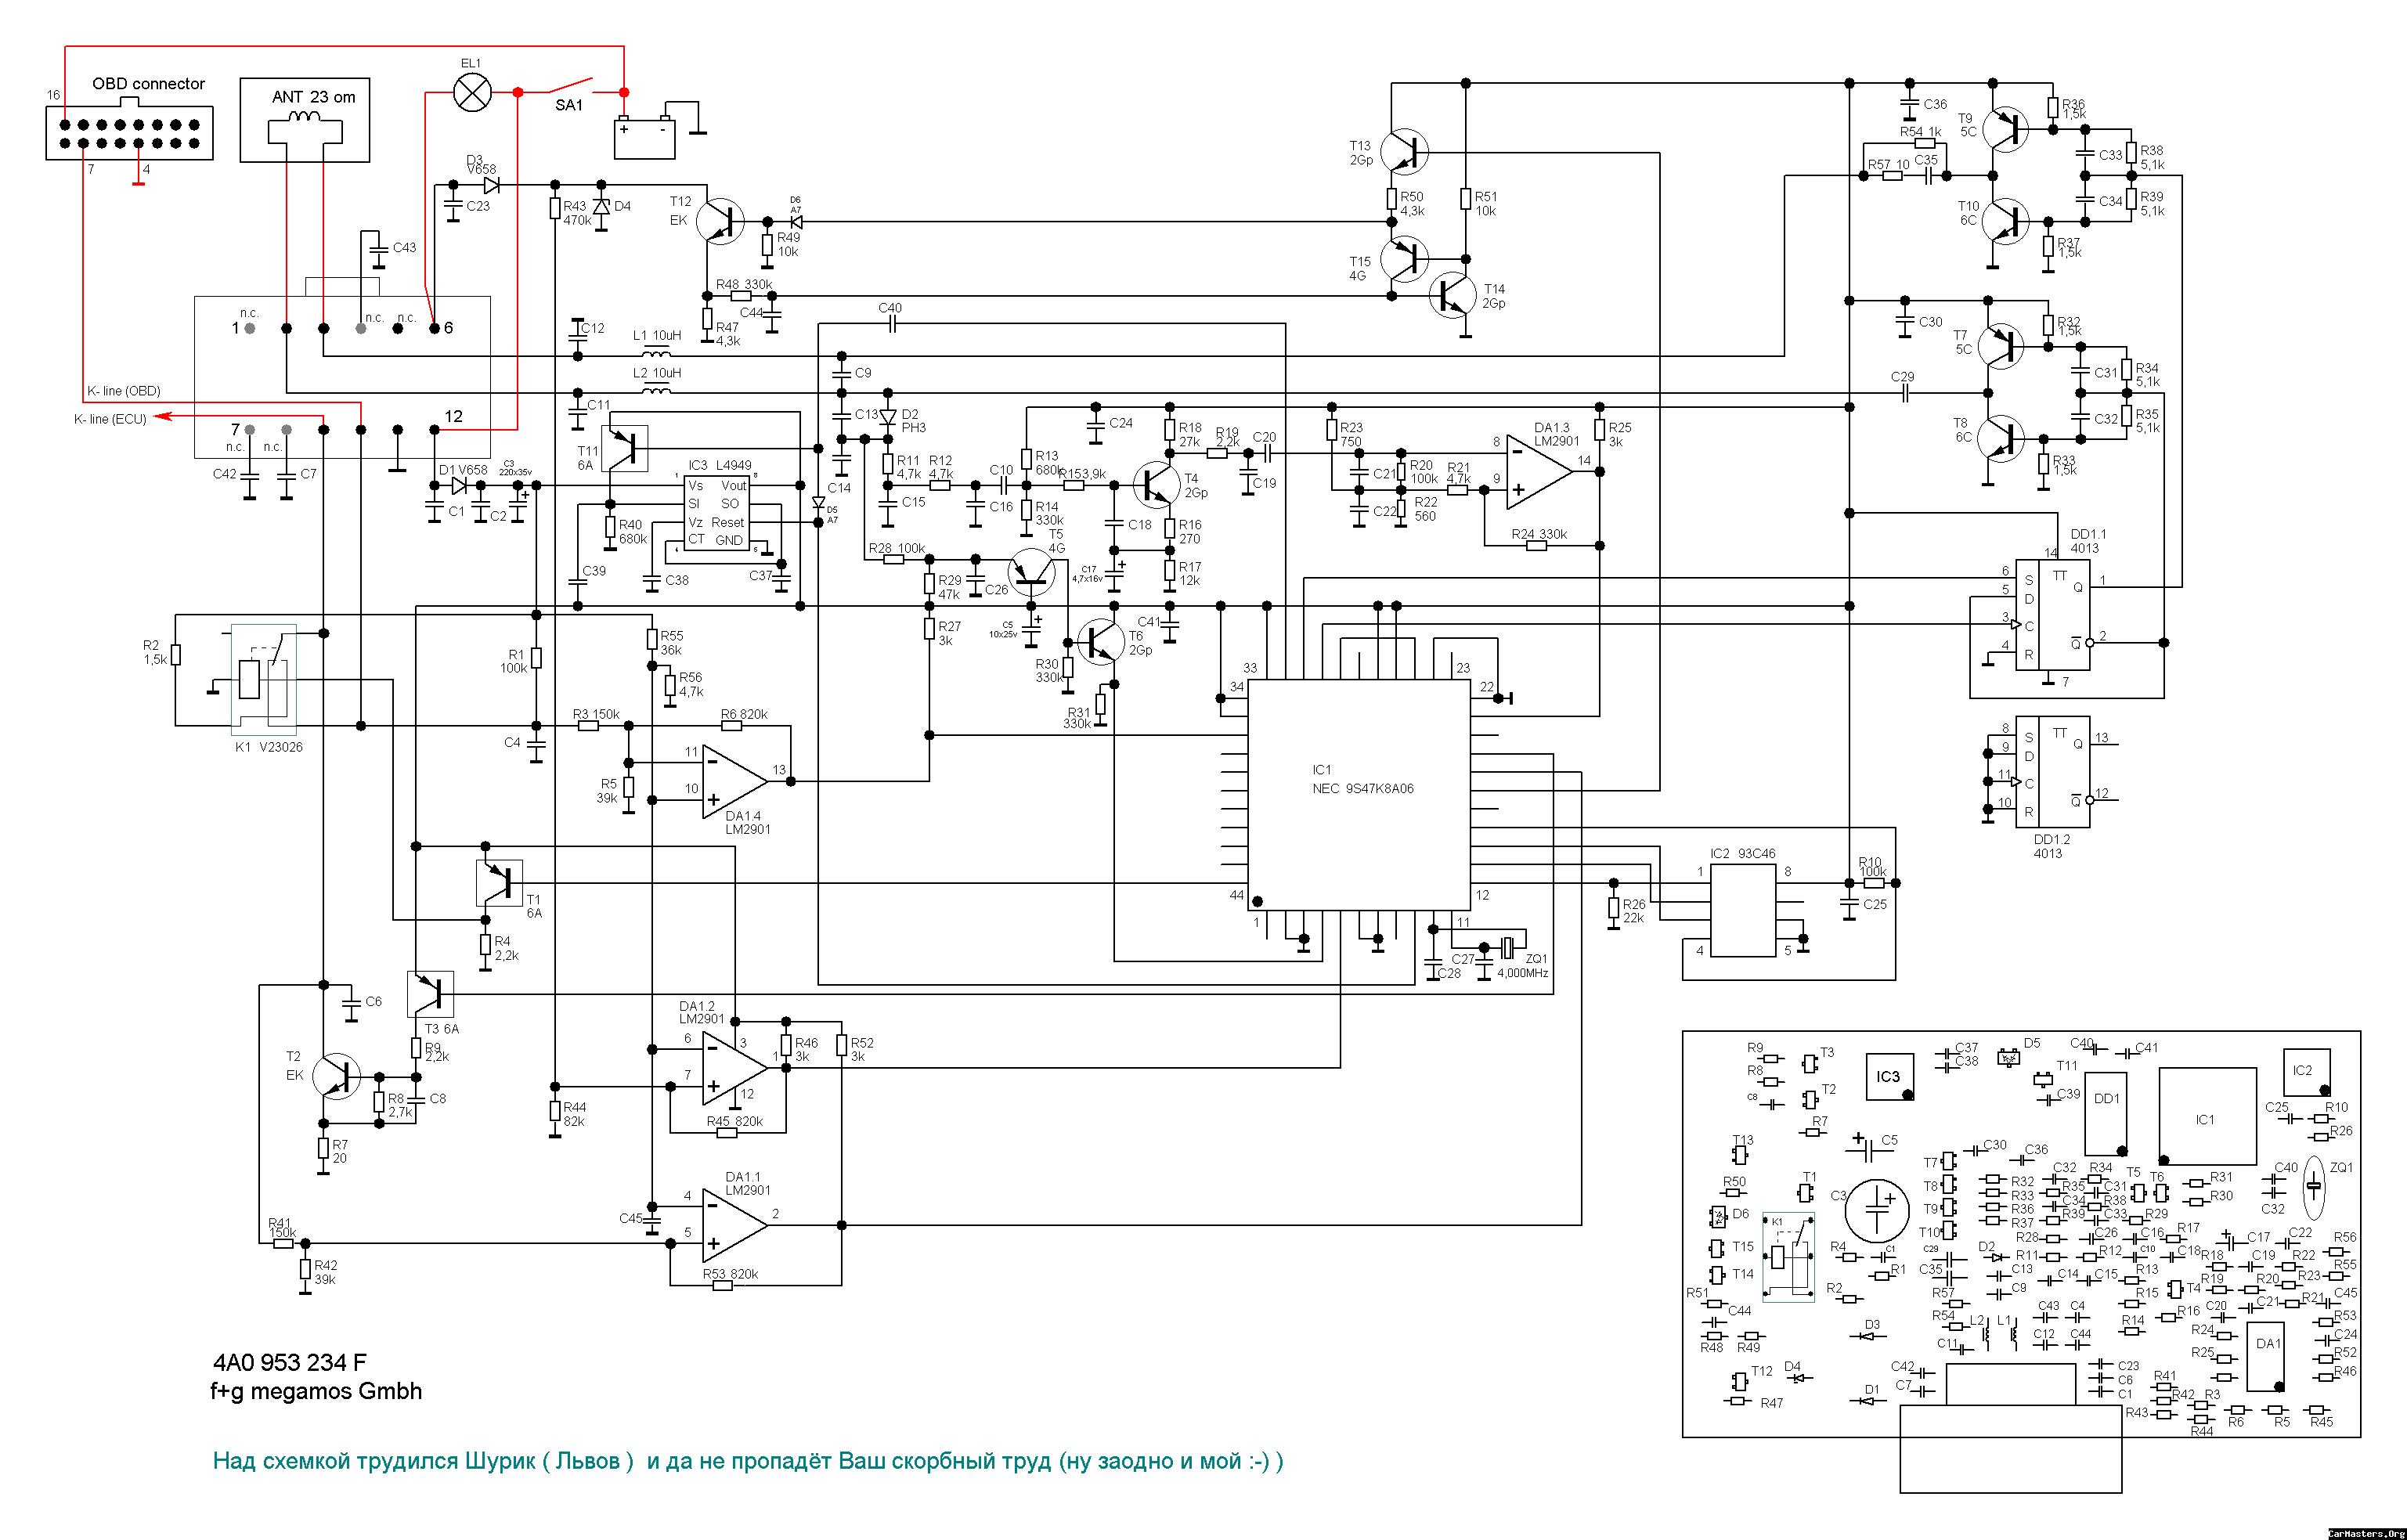 Где найти схему электрическую принципиальную схему